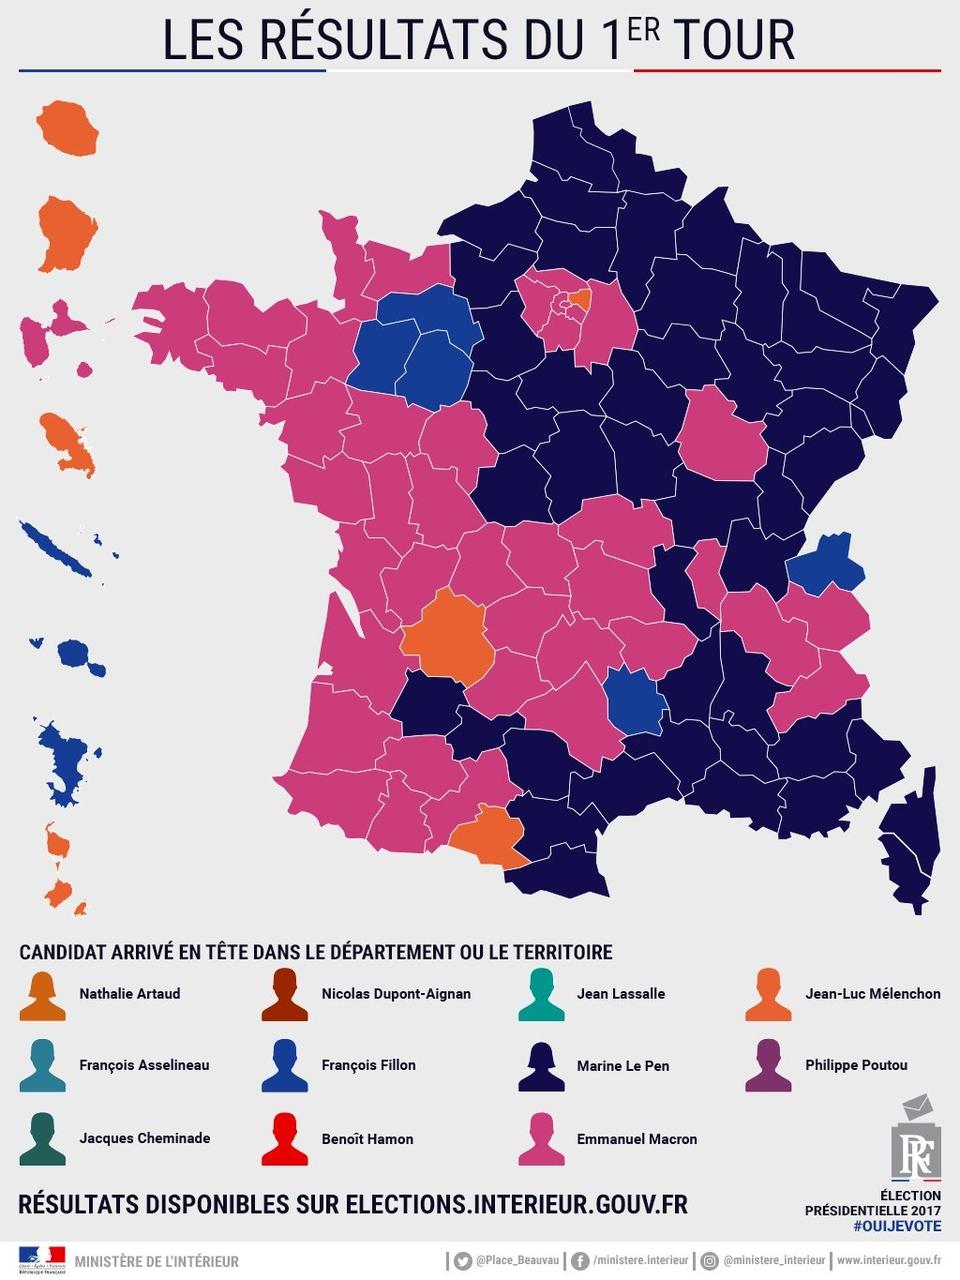 La Nouvelle Géopolitique Du Front National En France, Par tout Region De France 2017